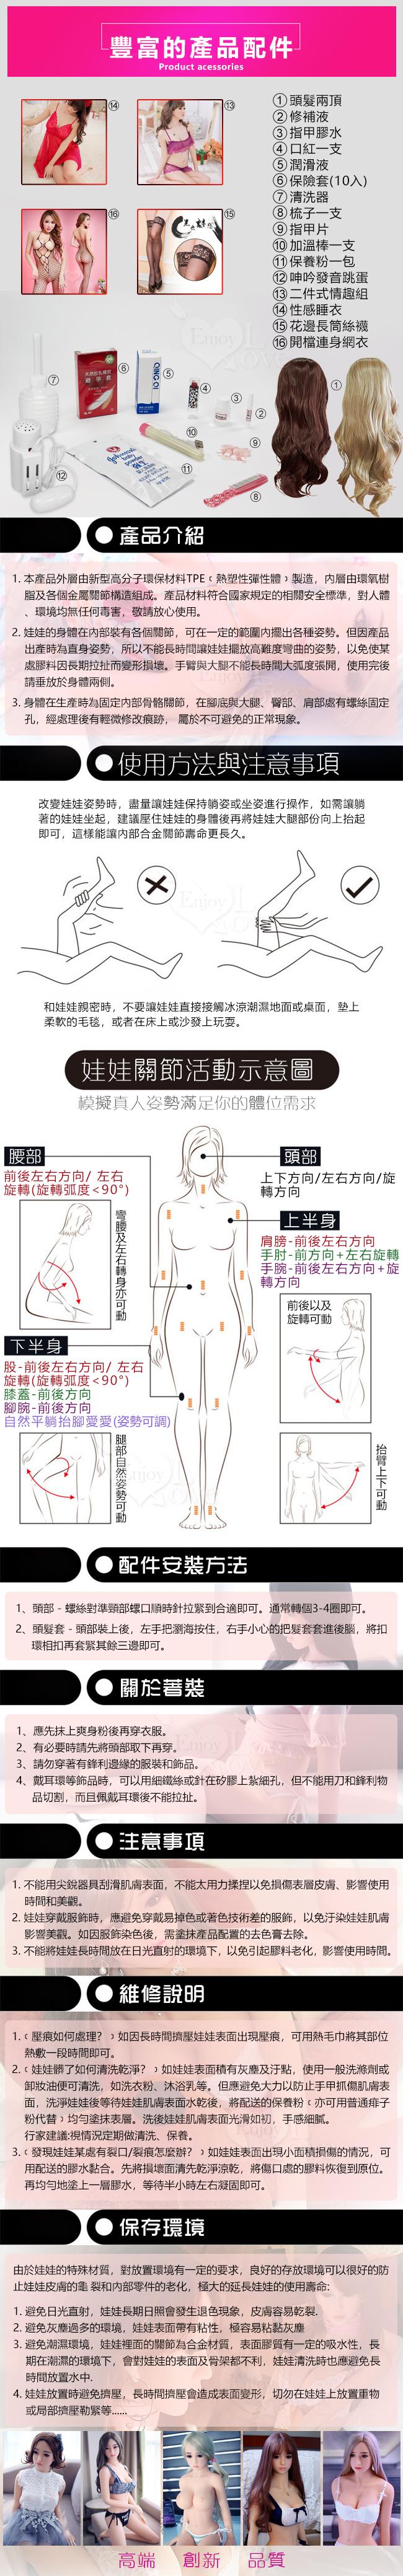 《露露 - 嬌媚女郎》全實體矽膠不銹鋼變形骨骼 真人版娃娃 ﹝165cm / 34kg﹞